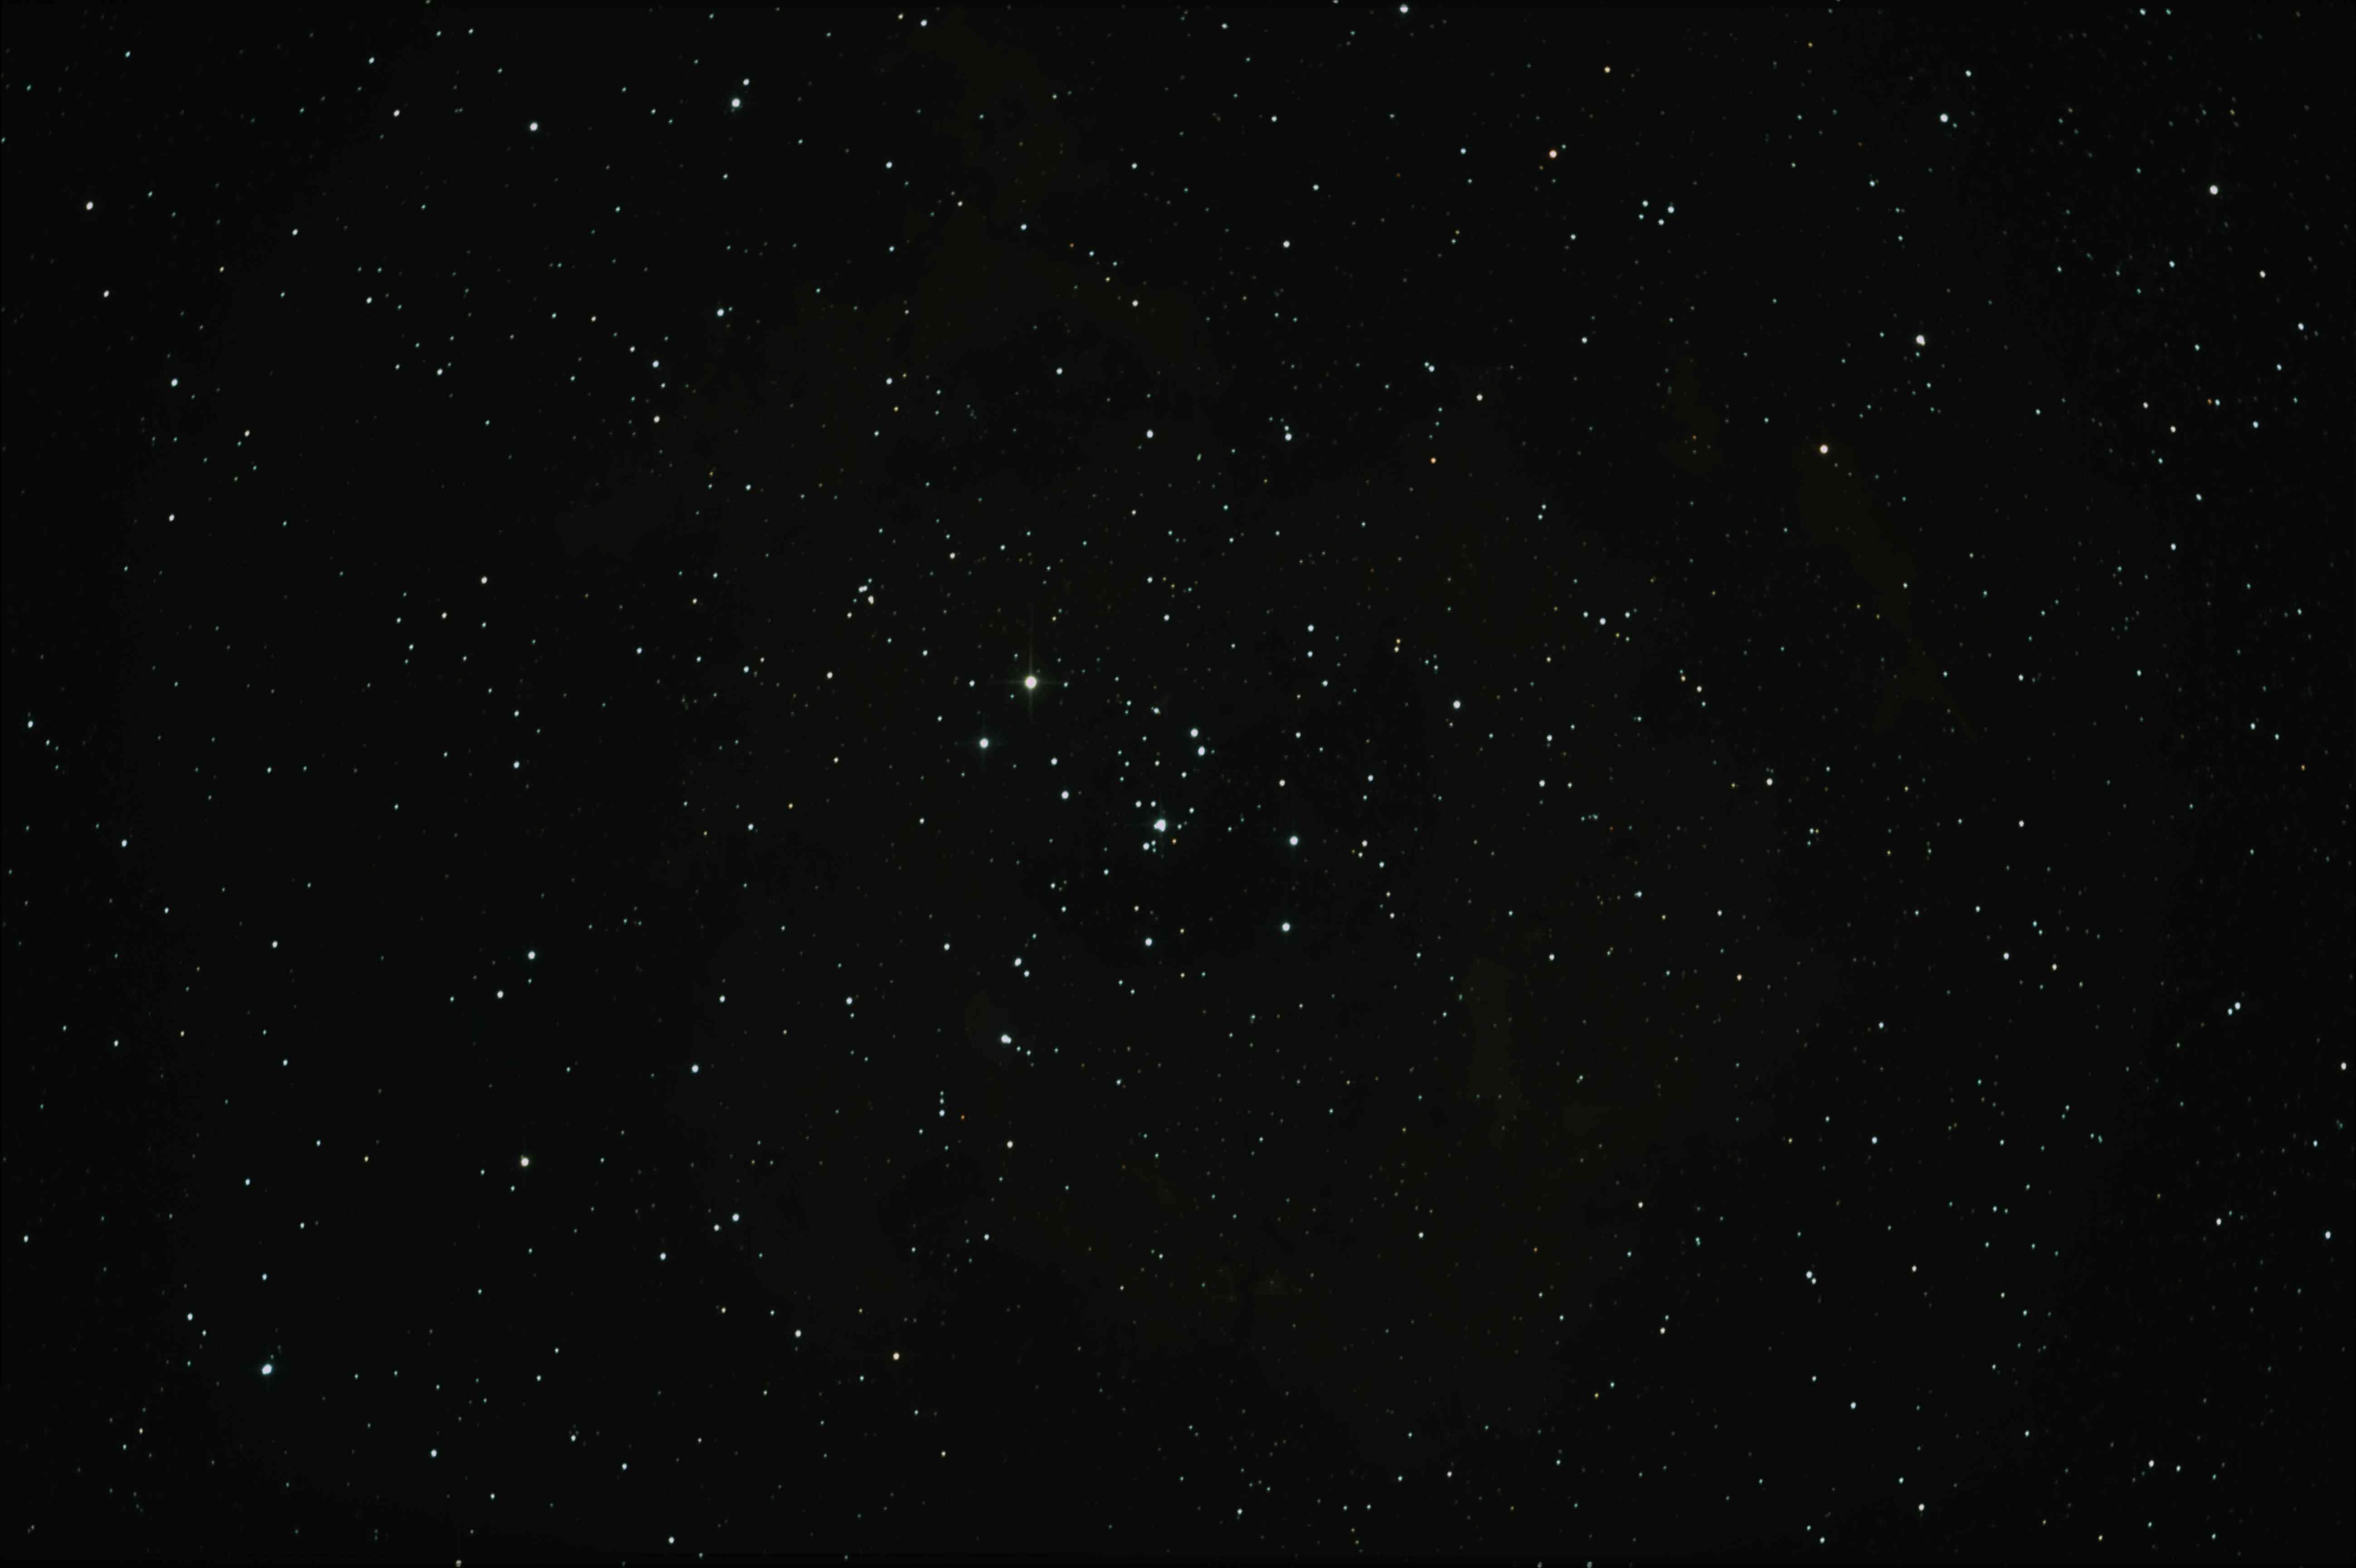 バラ星雲元画像(RAWからFTSに変換直後)